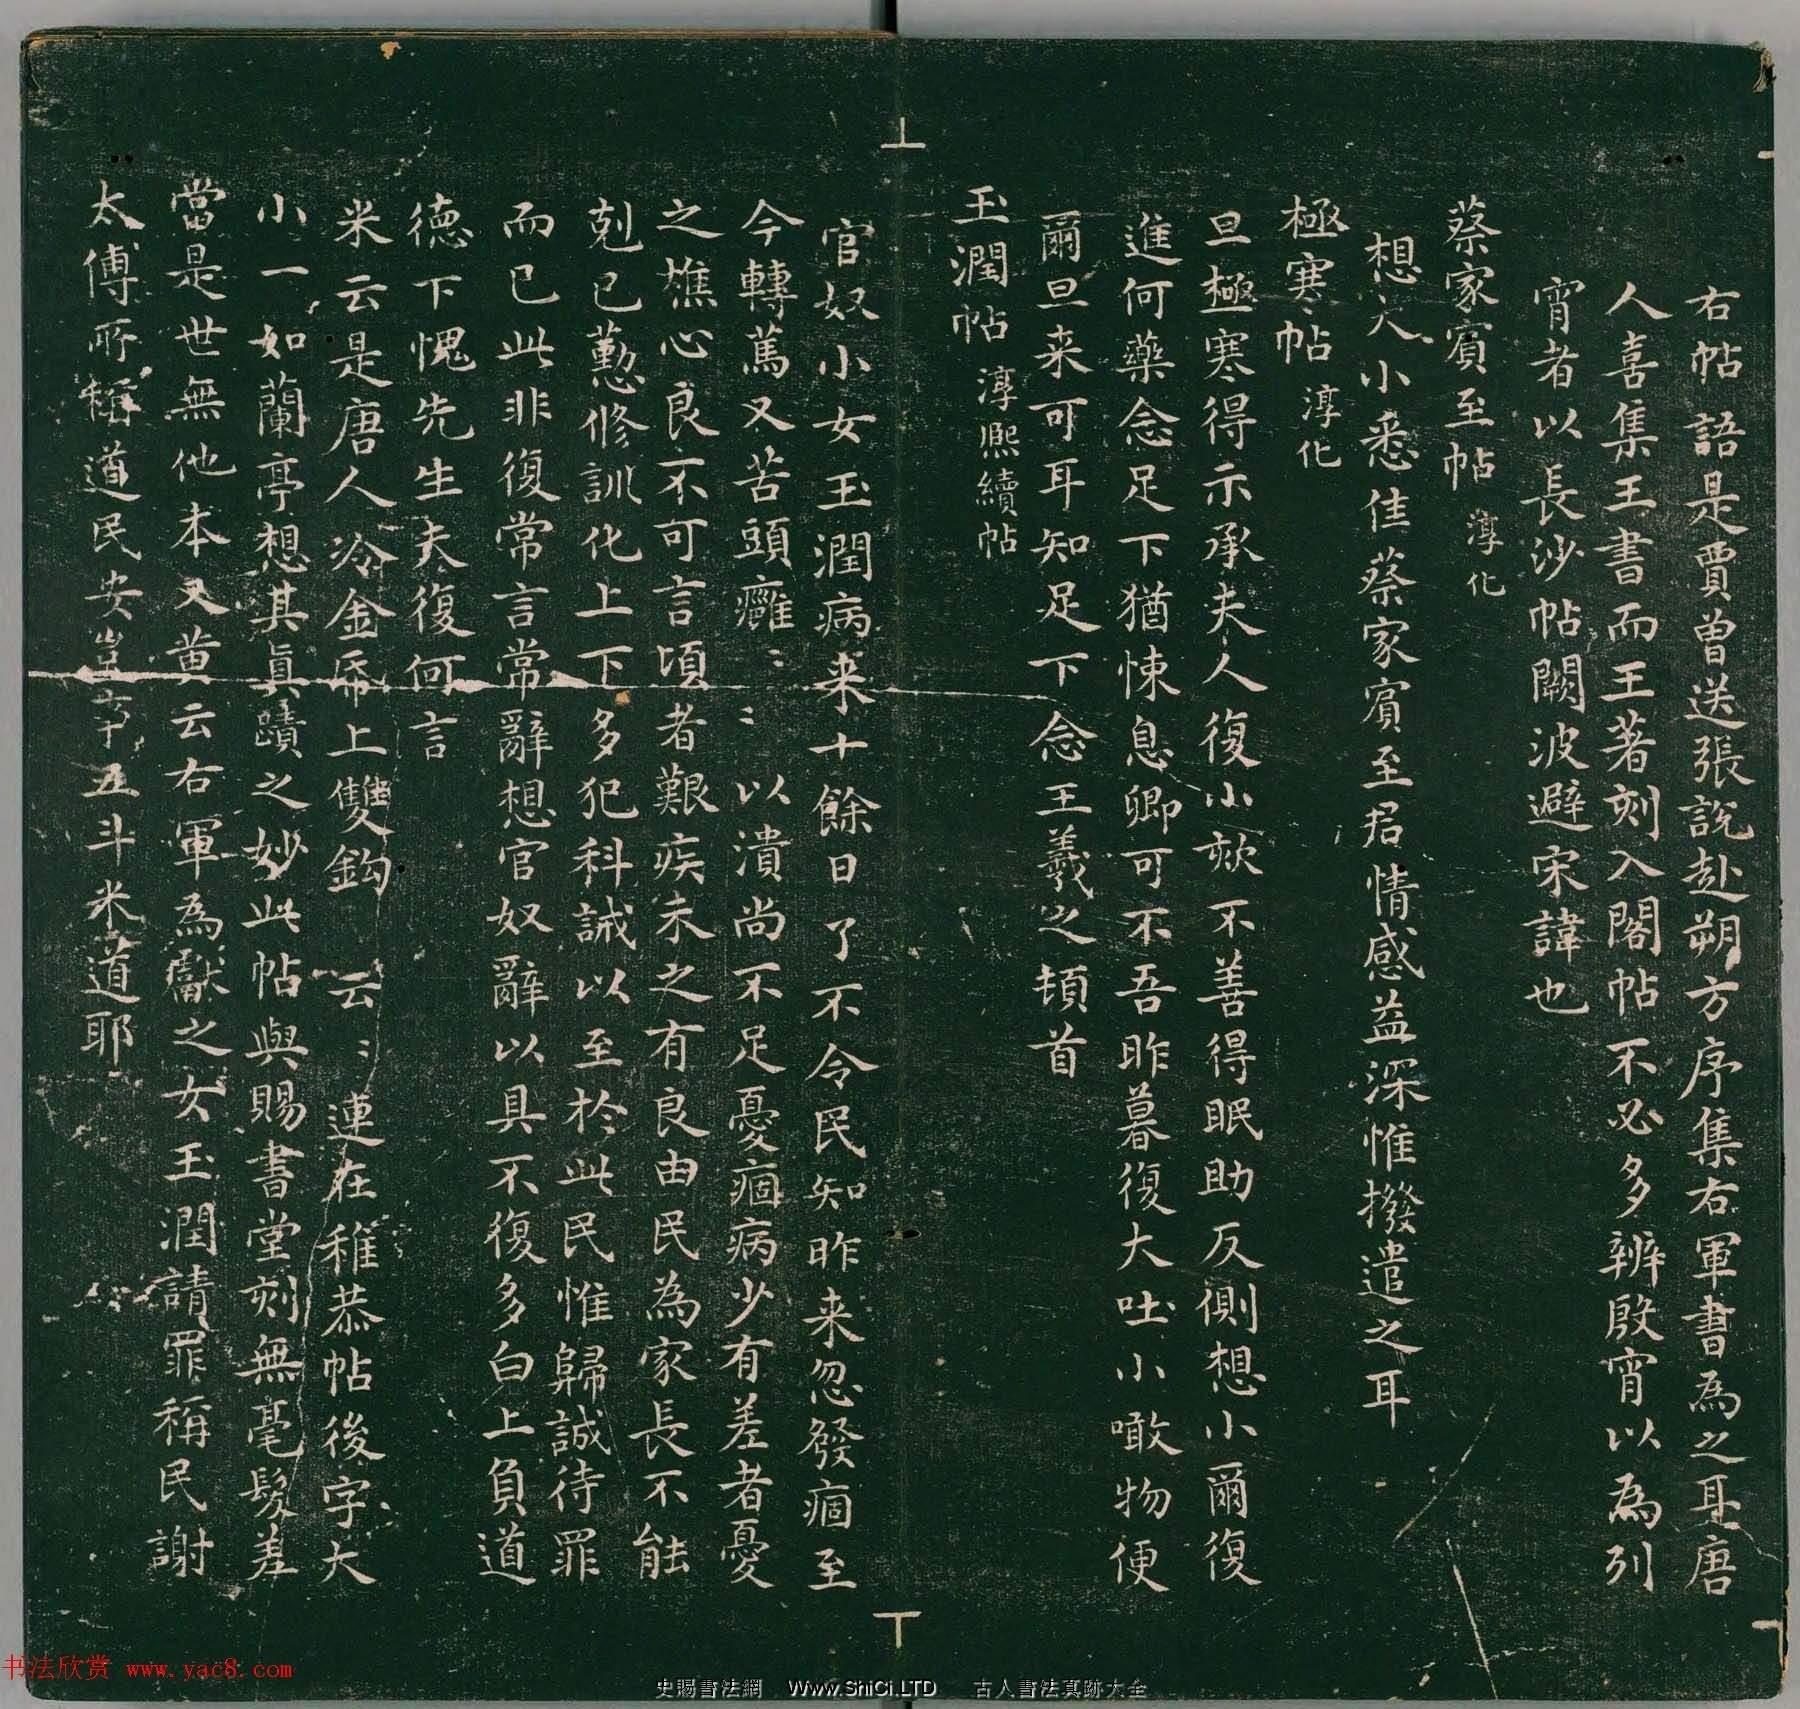 彭履道小楷「二王帖カタログ評釈」上下二巻(全部で46枚の写真)